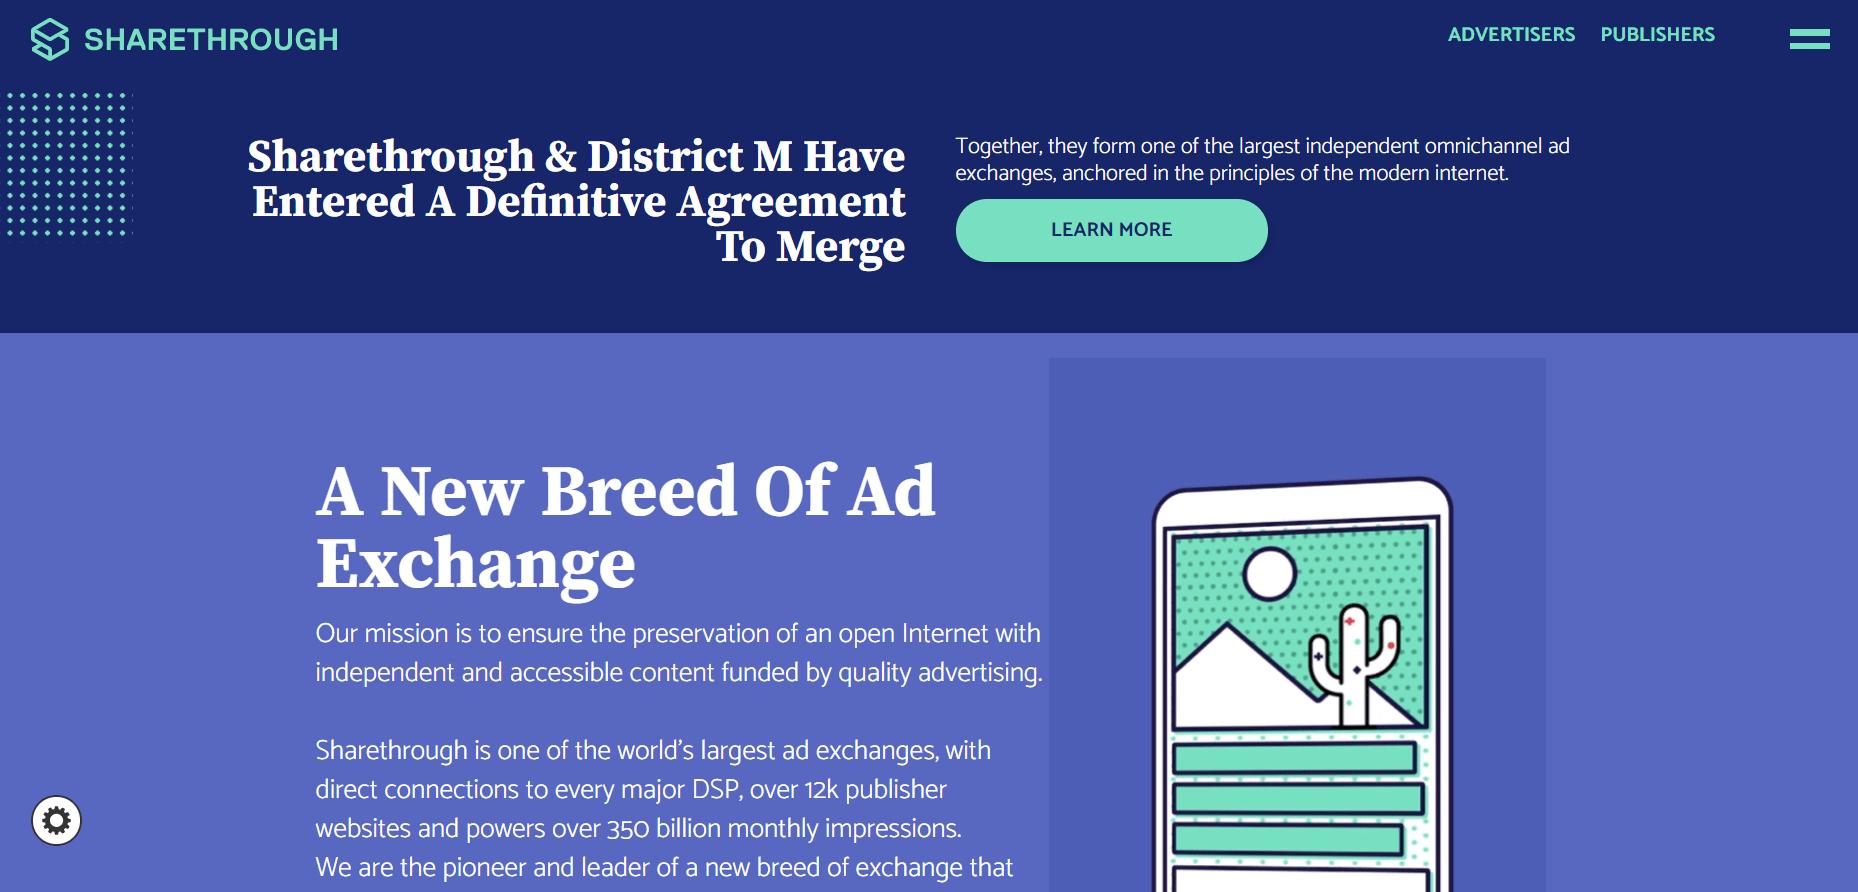 Best Ad Network - Sharethrough